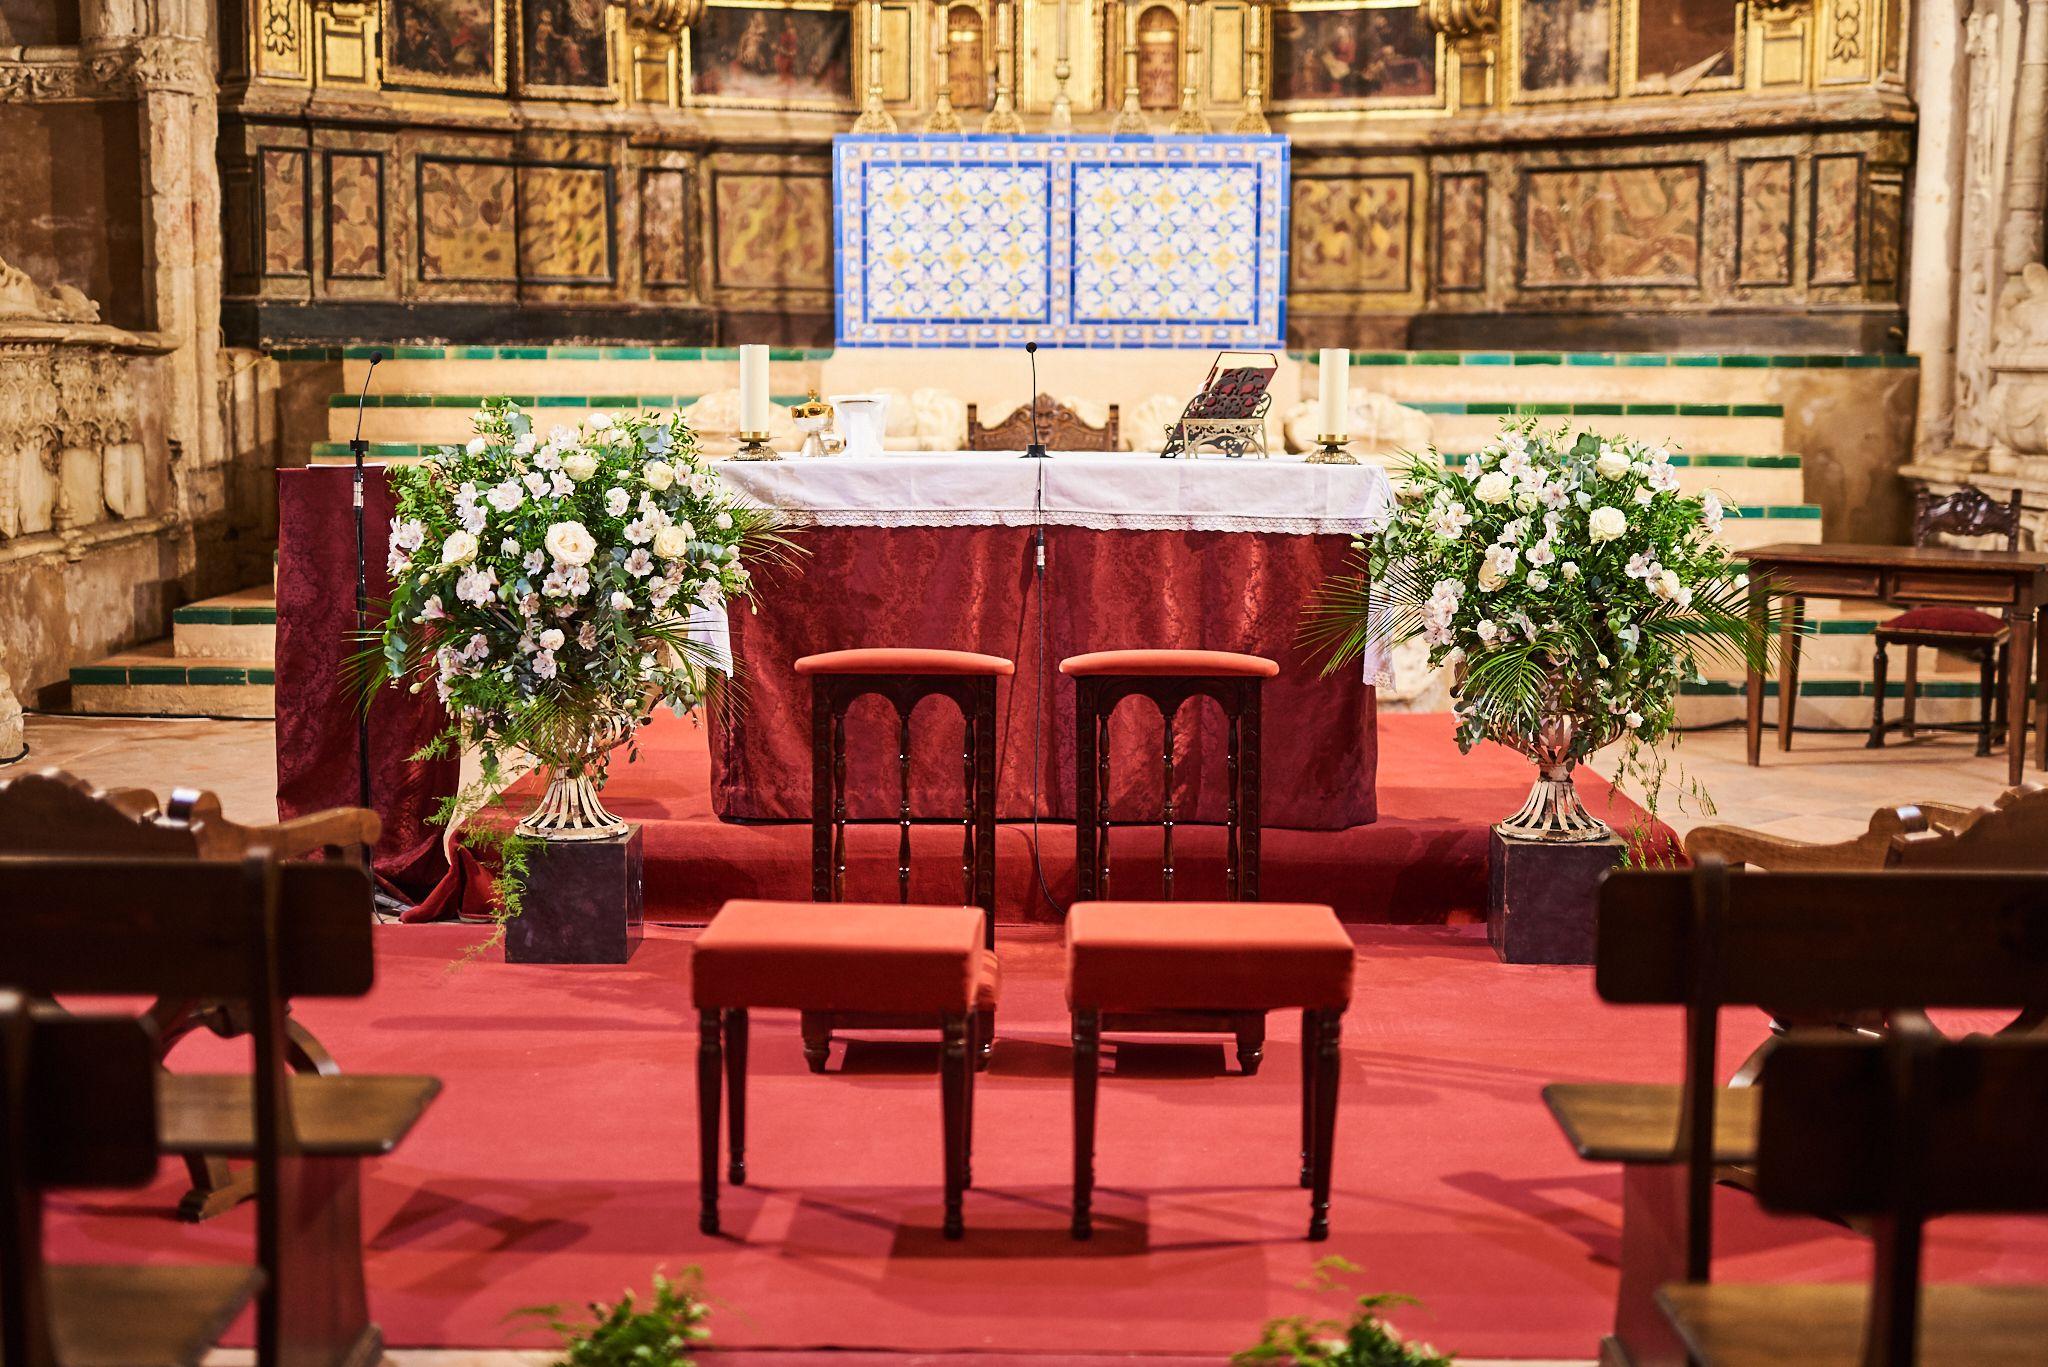 La-22Destination-Wedding22-en-Moguer-de-Lauren-y-JosC3A9-Antonio-JoseAntonio-alejandromarmol0775.jpg